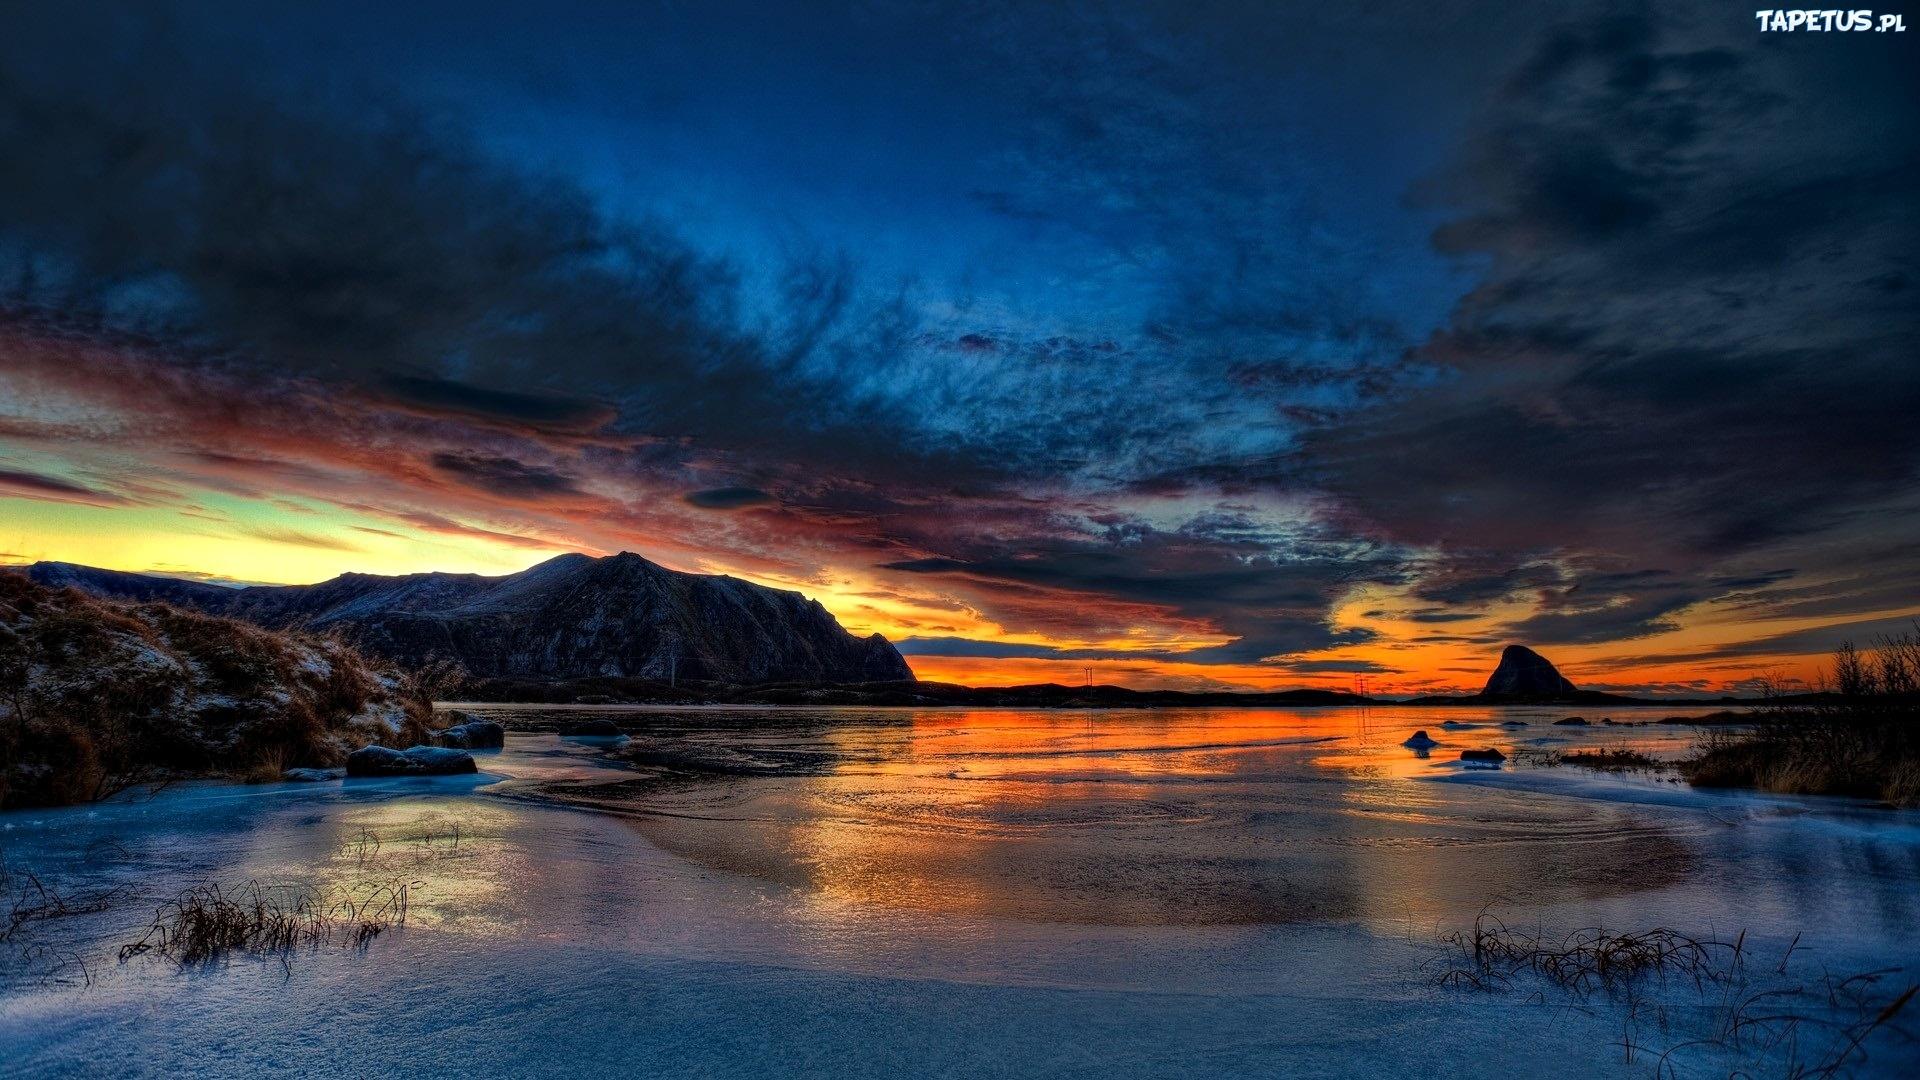 закат, скалы, озеро  № 661873 загрузить